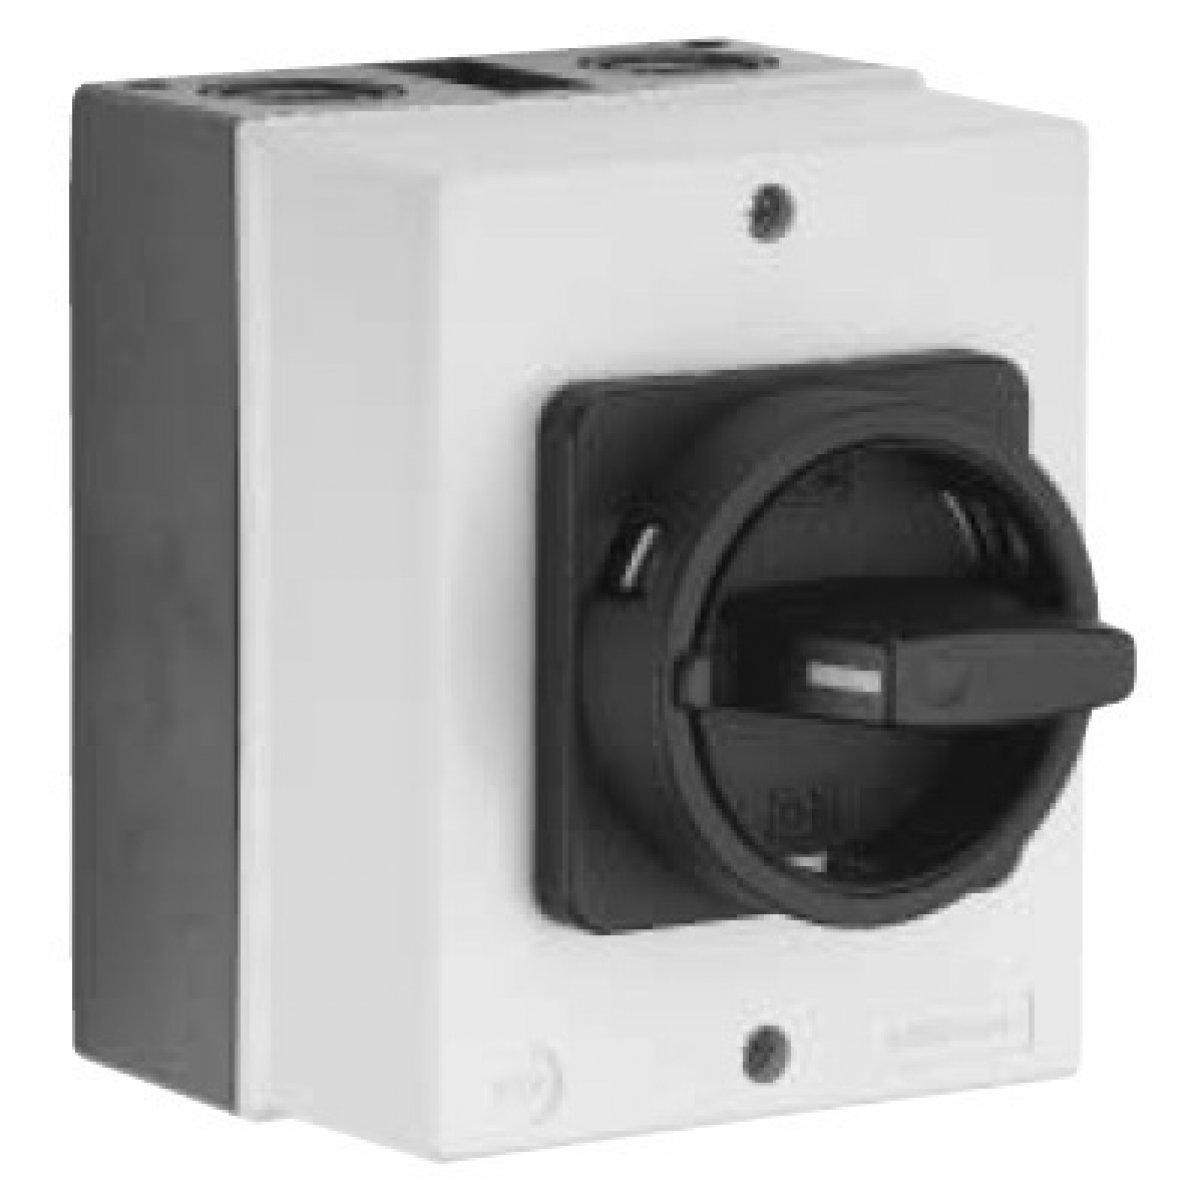 Rauchsauger Wartungsschalter 2-polig - Kutzner & Weber